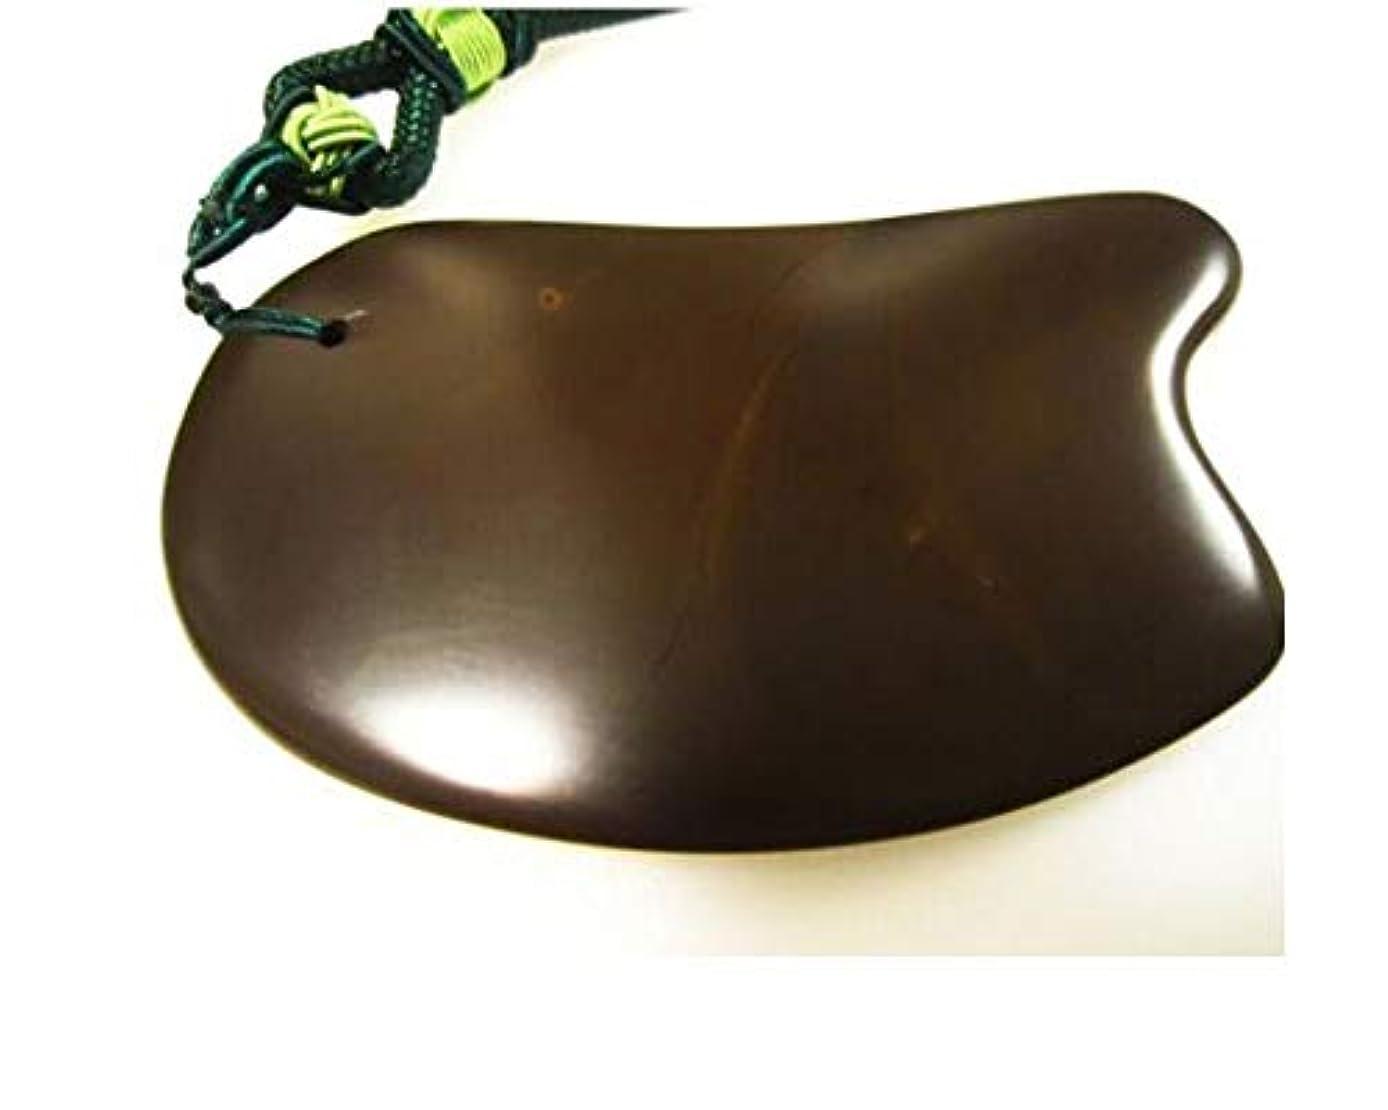 敬礼知っているに立ち寄る合意Fengshangshanghang ボディ?フェイシャルSPA鍼治療トリガーポイントの治療のためにスクラッチマッサージツール、5A自然オウゴンスクレイピング会 ,テクスチャー (Color : Brown, Size : 12*6.5*1cm)